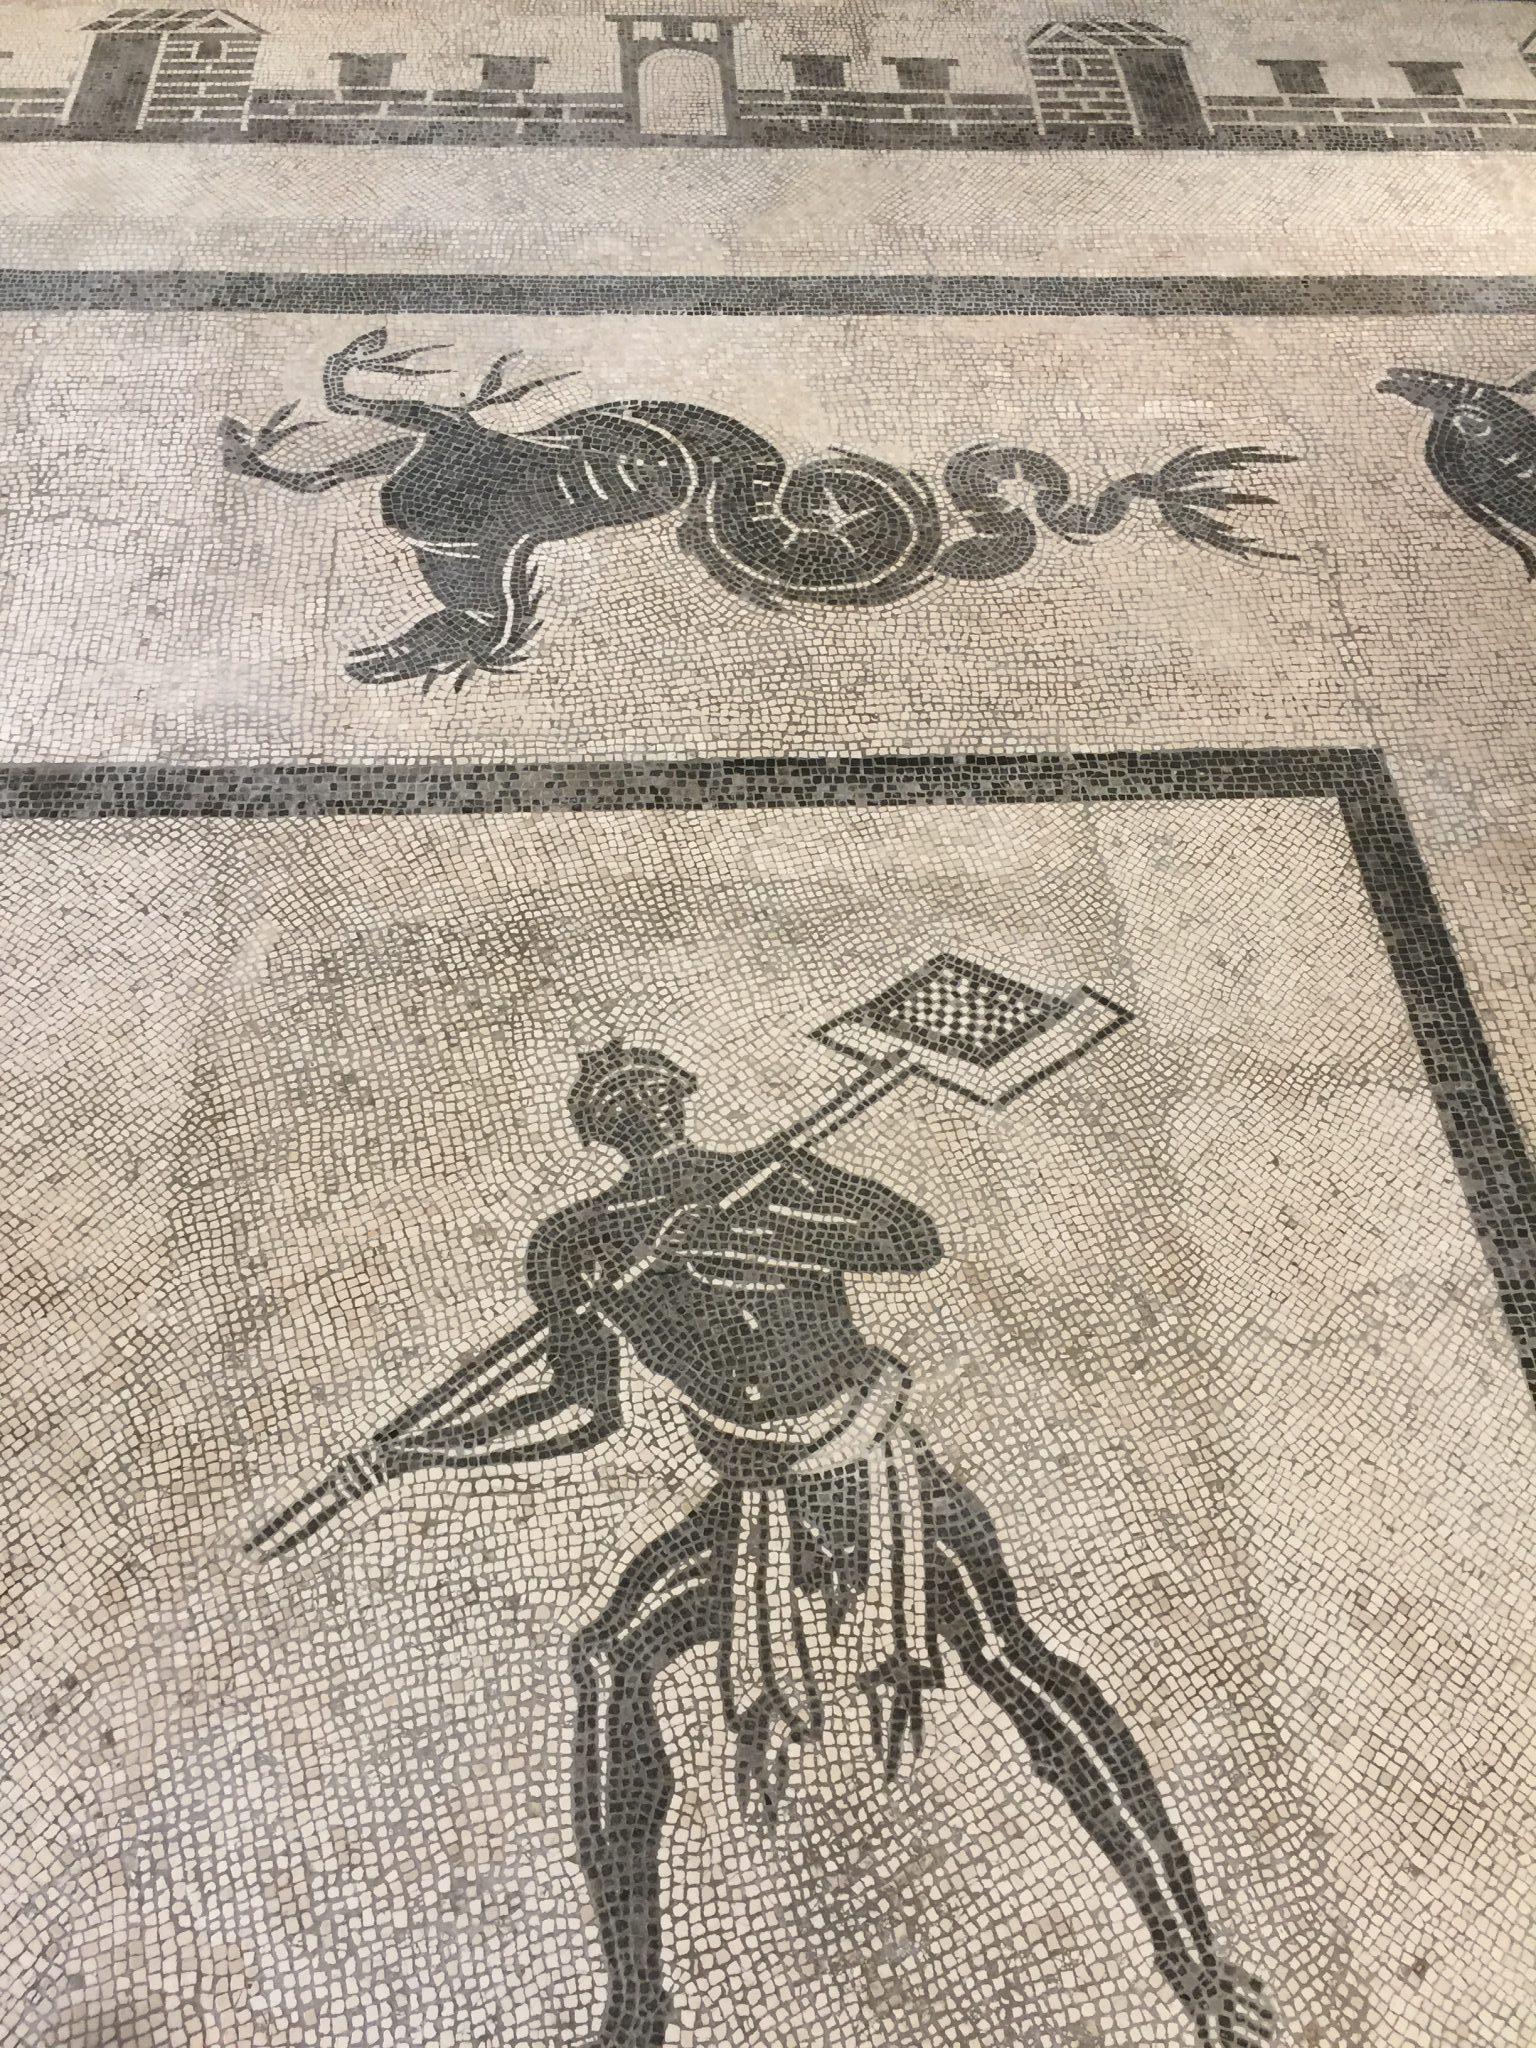 Collezione Magna Grecia, Museo Archeologico di Napoli